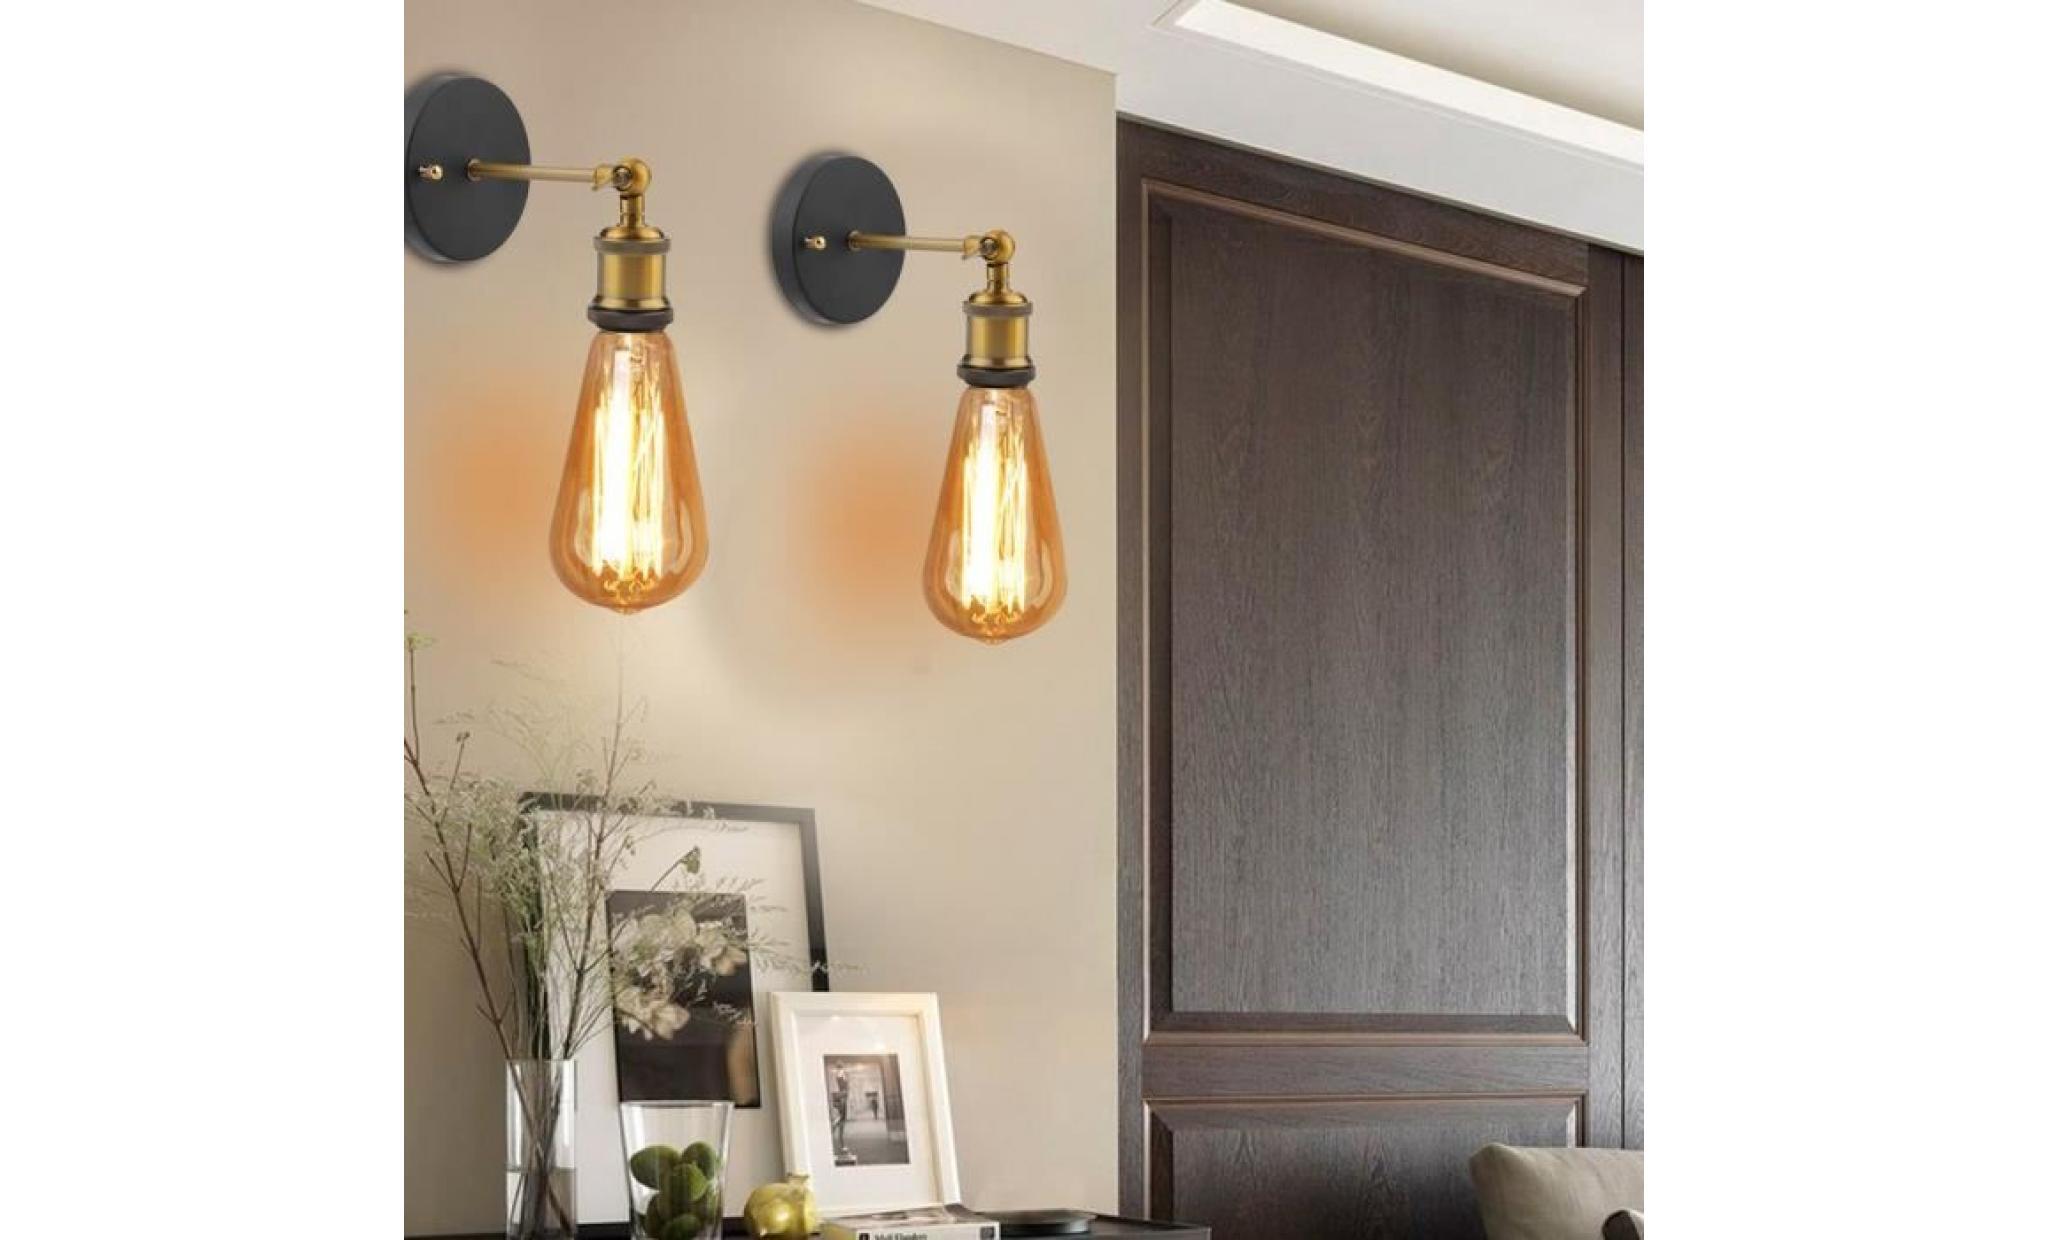 2x support de lampe murale design applique rétro industrielle porte